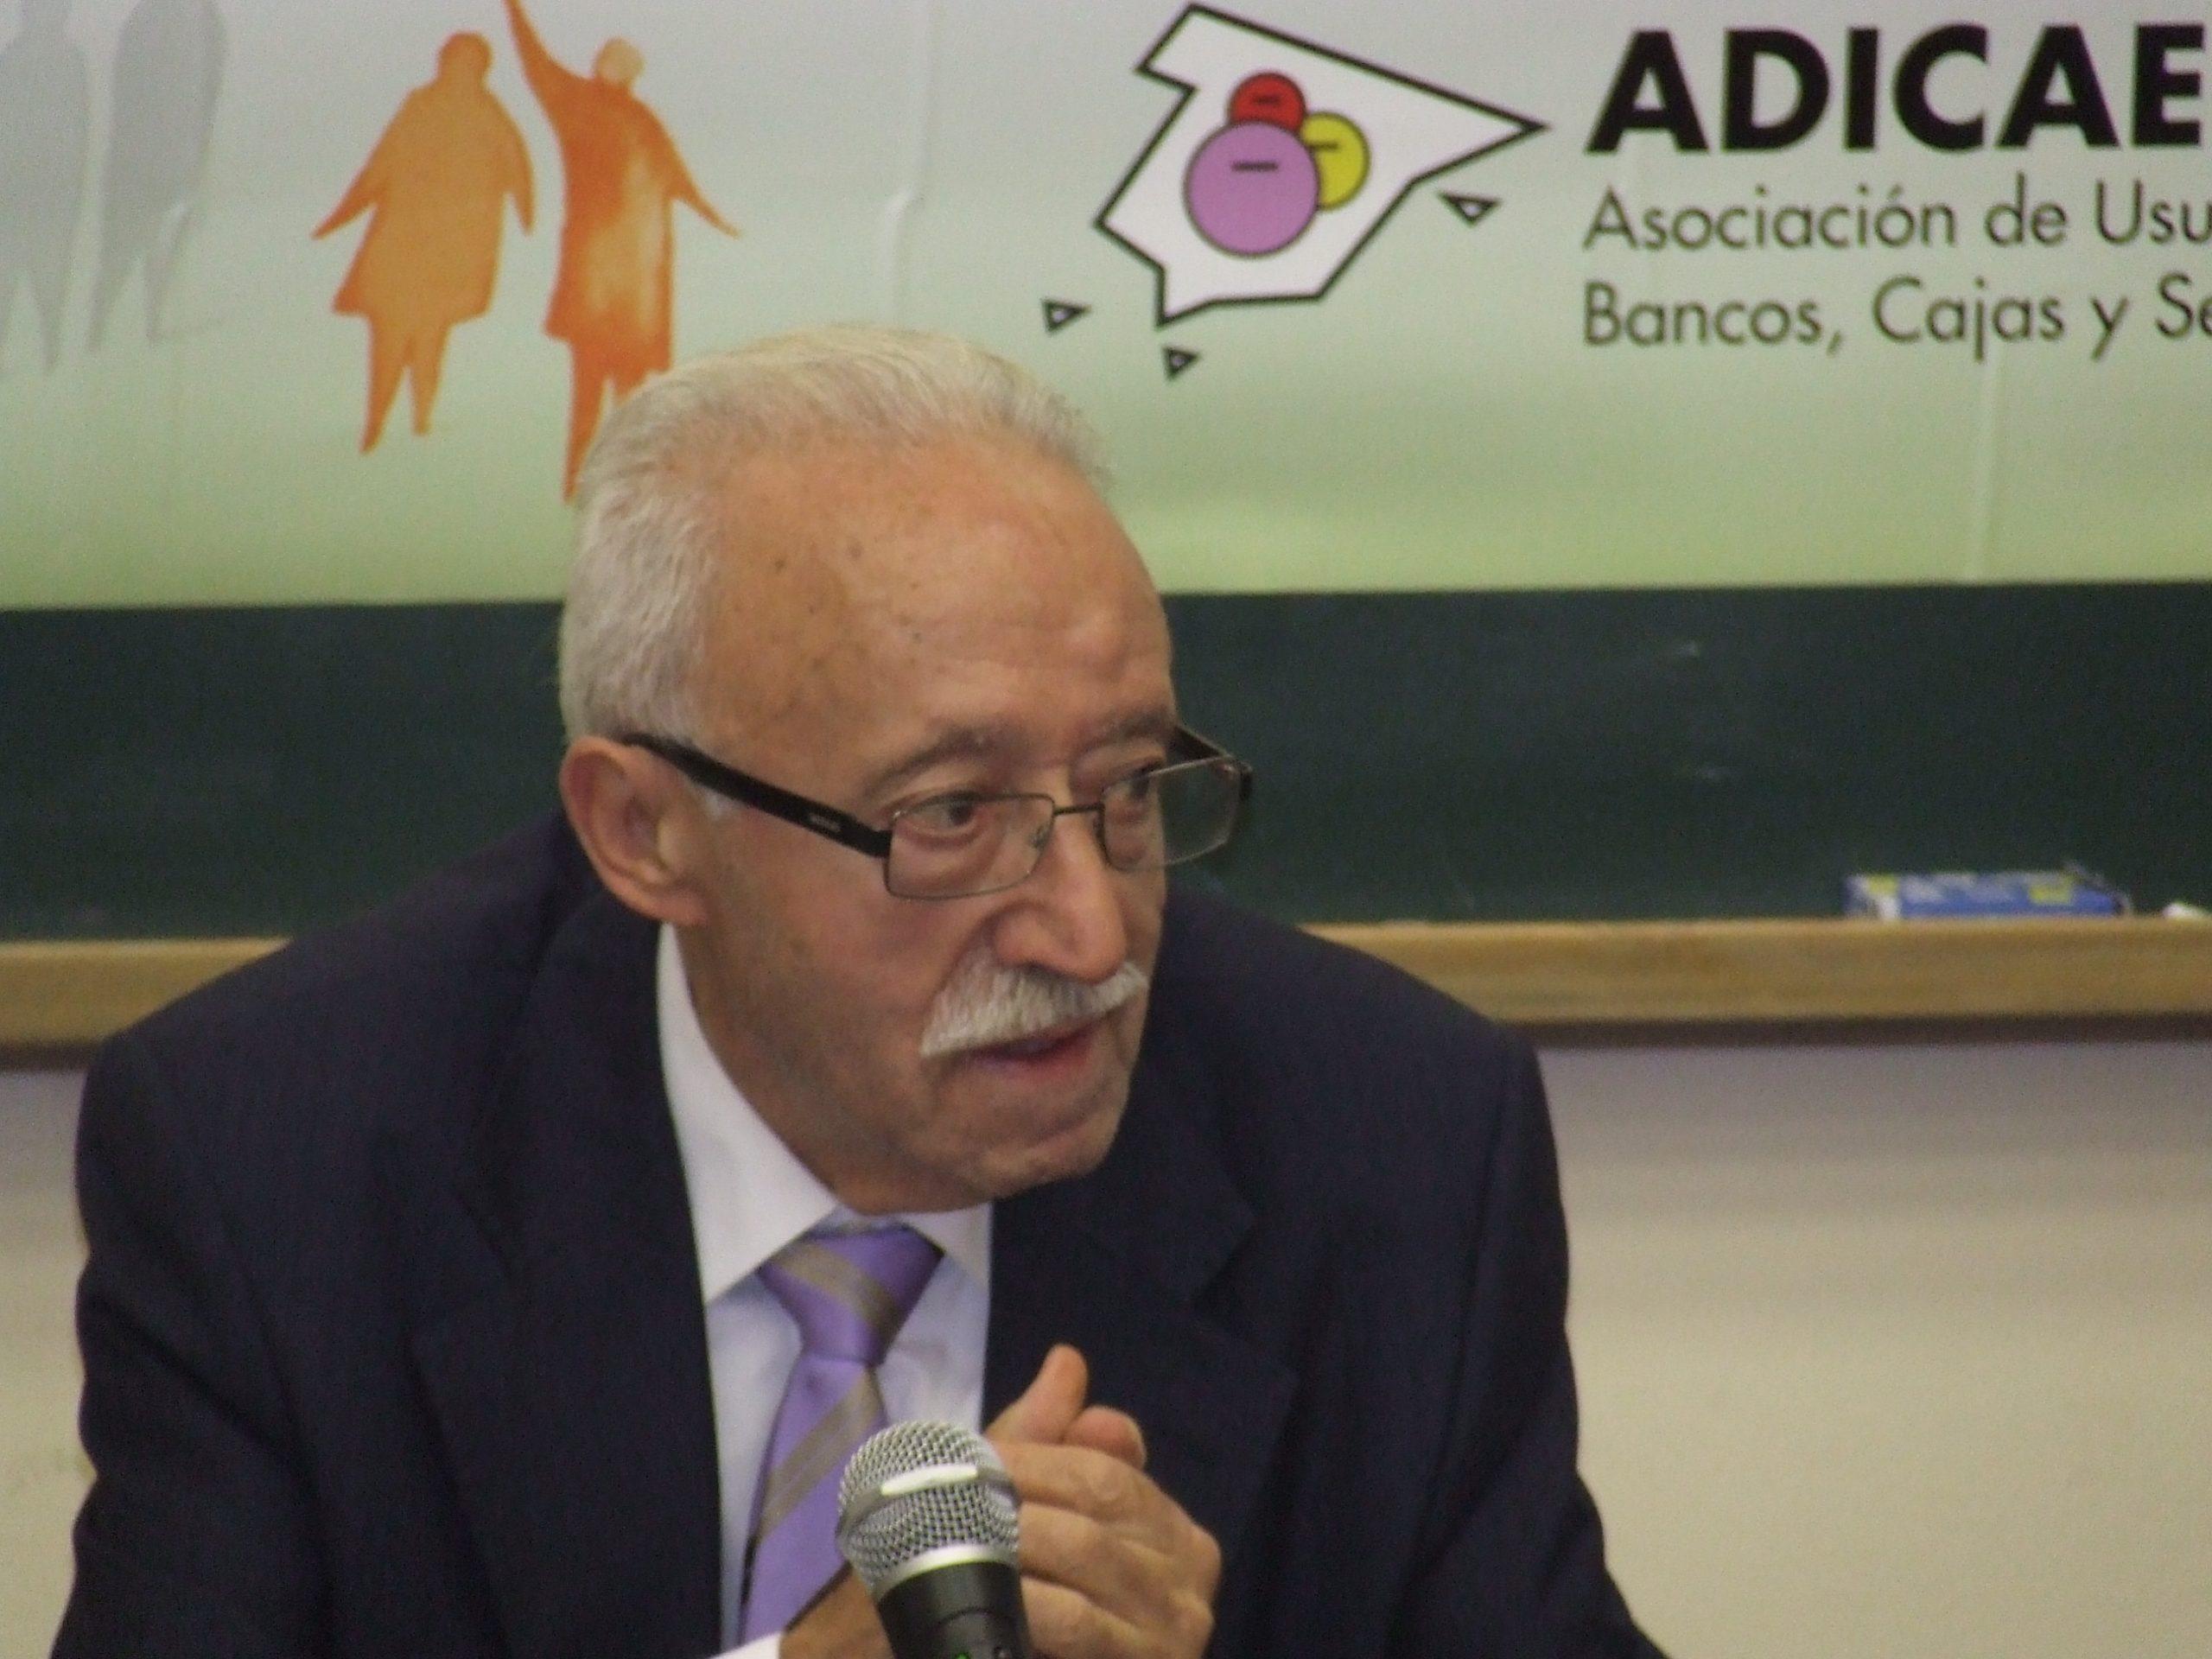 El Defensor del Pueblo se suma a la tesis de ADICAE y exige medidas para impulsar el Real Decreto-ley en Cláusulas Suelo